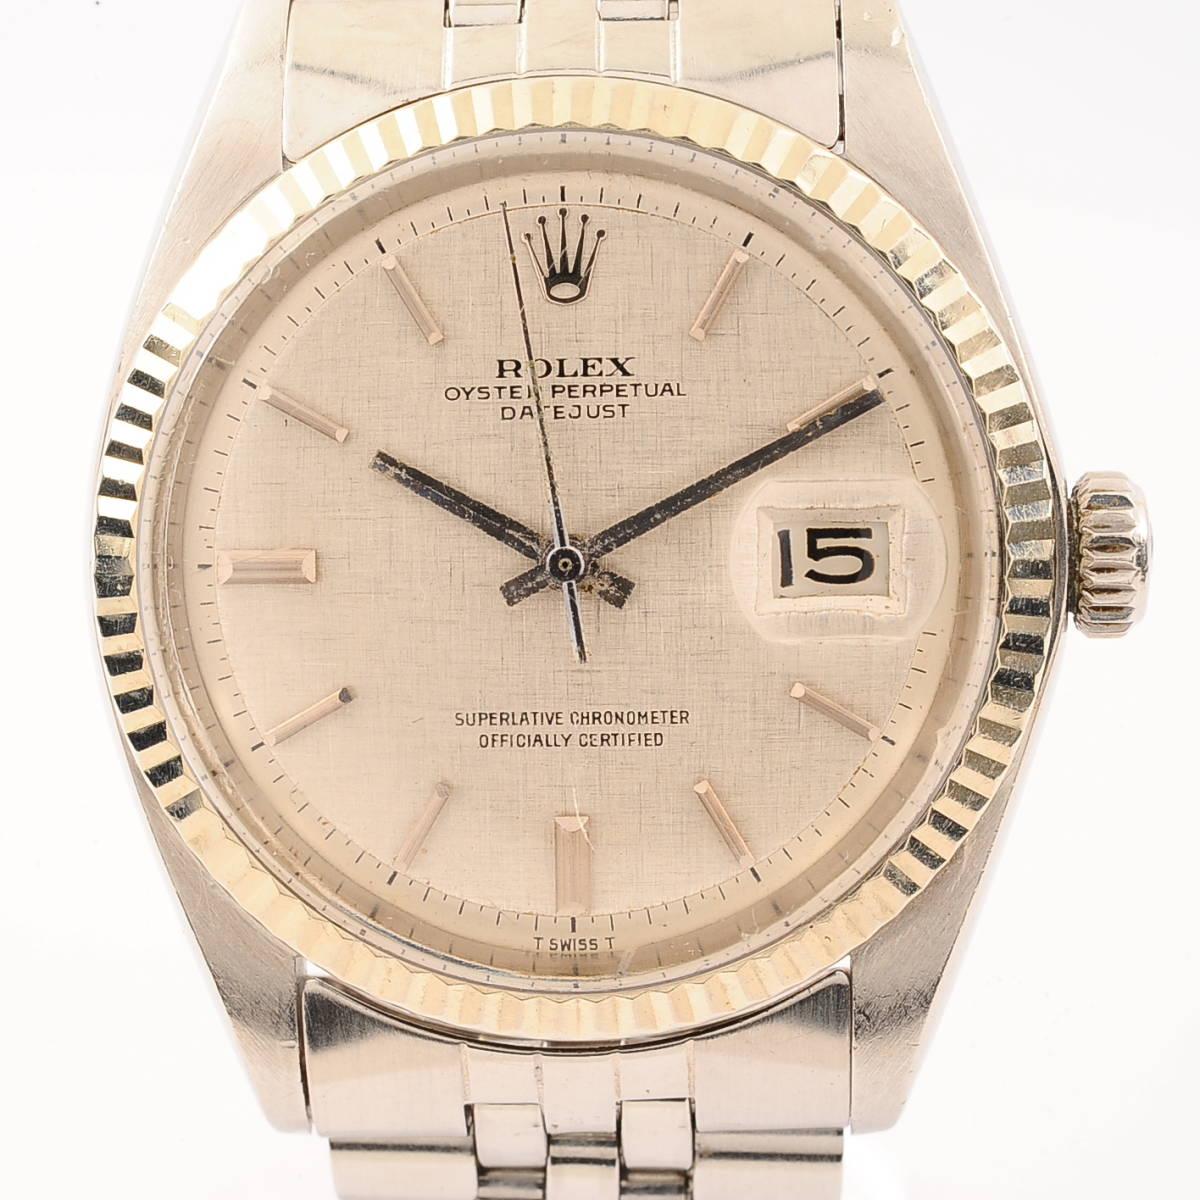 ロレックス オイスターパーペチュアル デイトジャスト Ref,1601 ROLEX OYSTER PERTETUAL DATEJUST Cal,1570 自動巻 メンズ 腕時計[3331815]